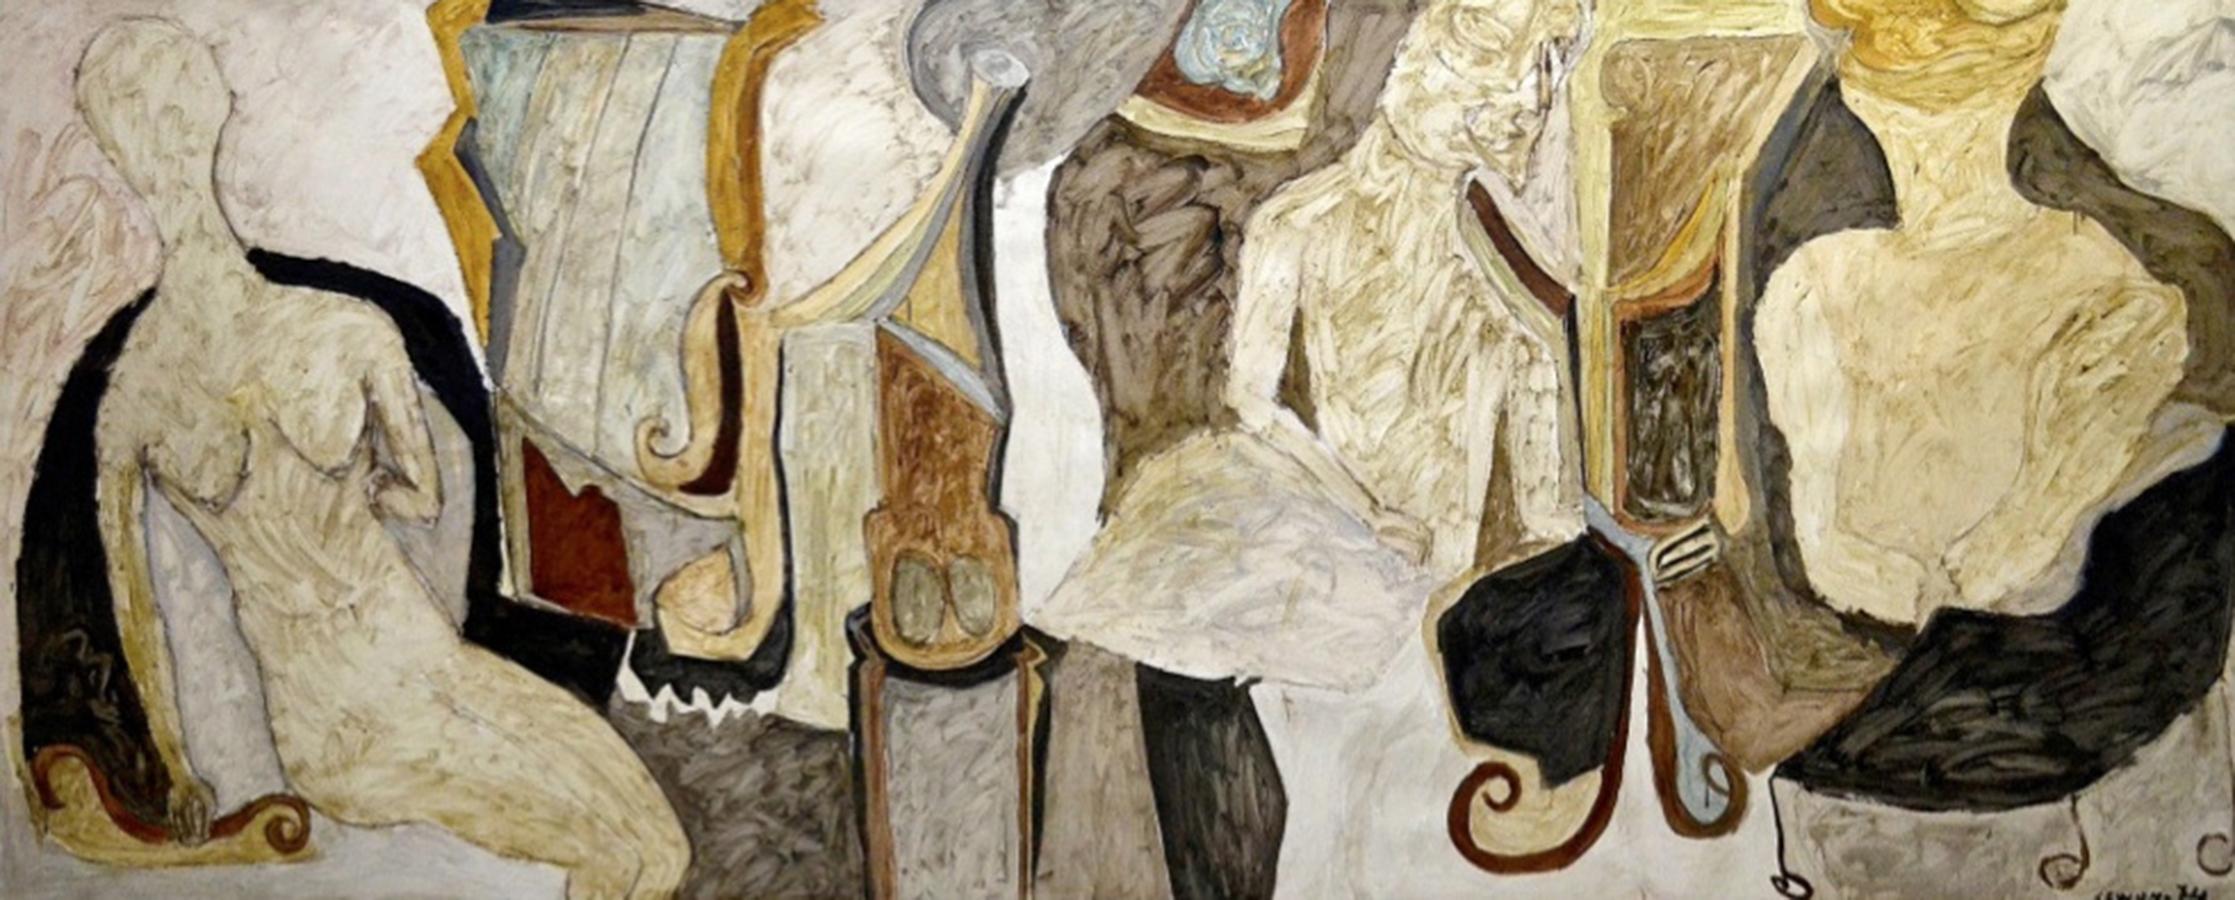 Histoire de Dame 1974 huile/papier marouflé sur toile 170 x 410 cm